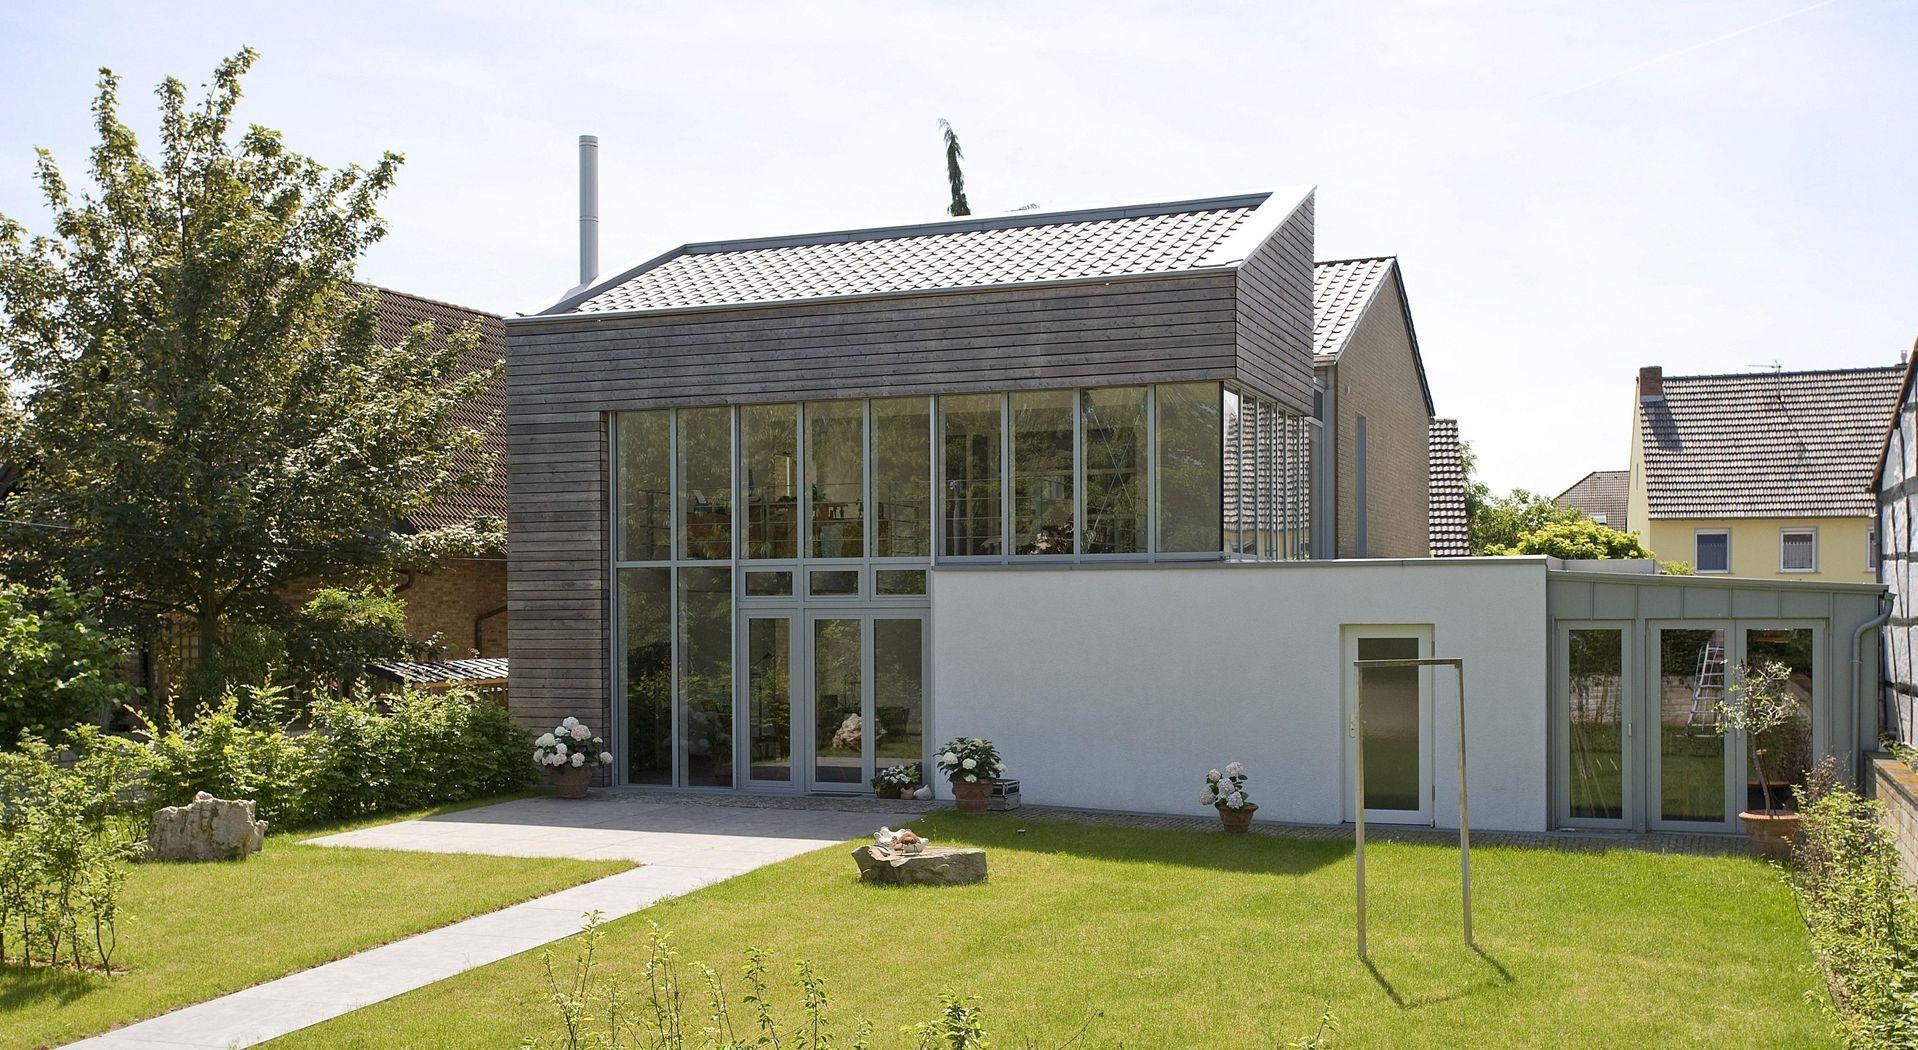 Liebenswert Holz Anbau Haus Foto Von Dass Er Den Wintergarten Seines Es Abreißen